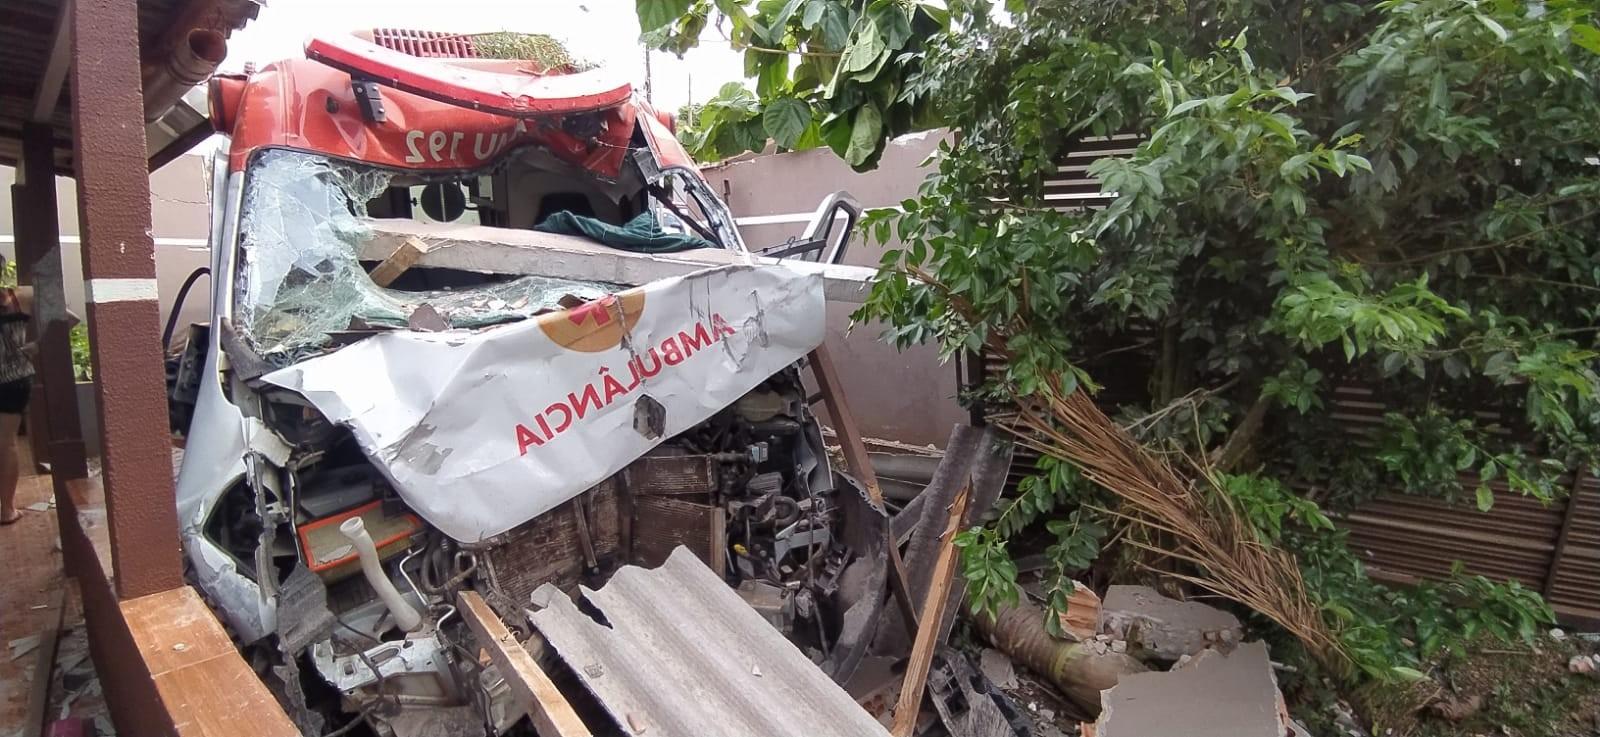 Após assalto, motorista persegue suspeito com ambulância e se envolve em acidente, em Cascavel, diz PM